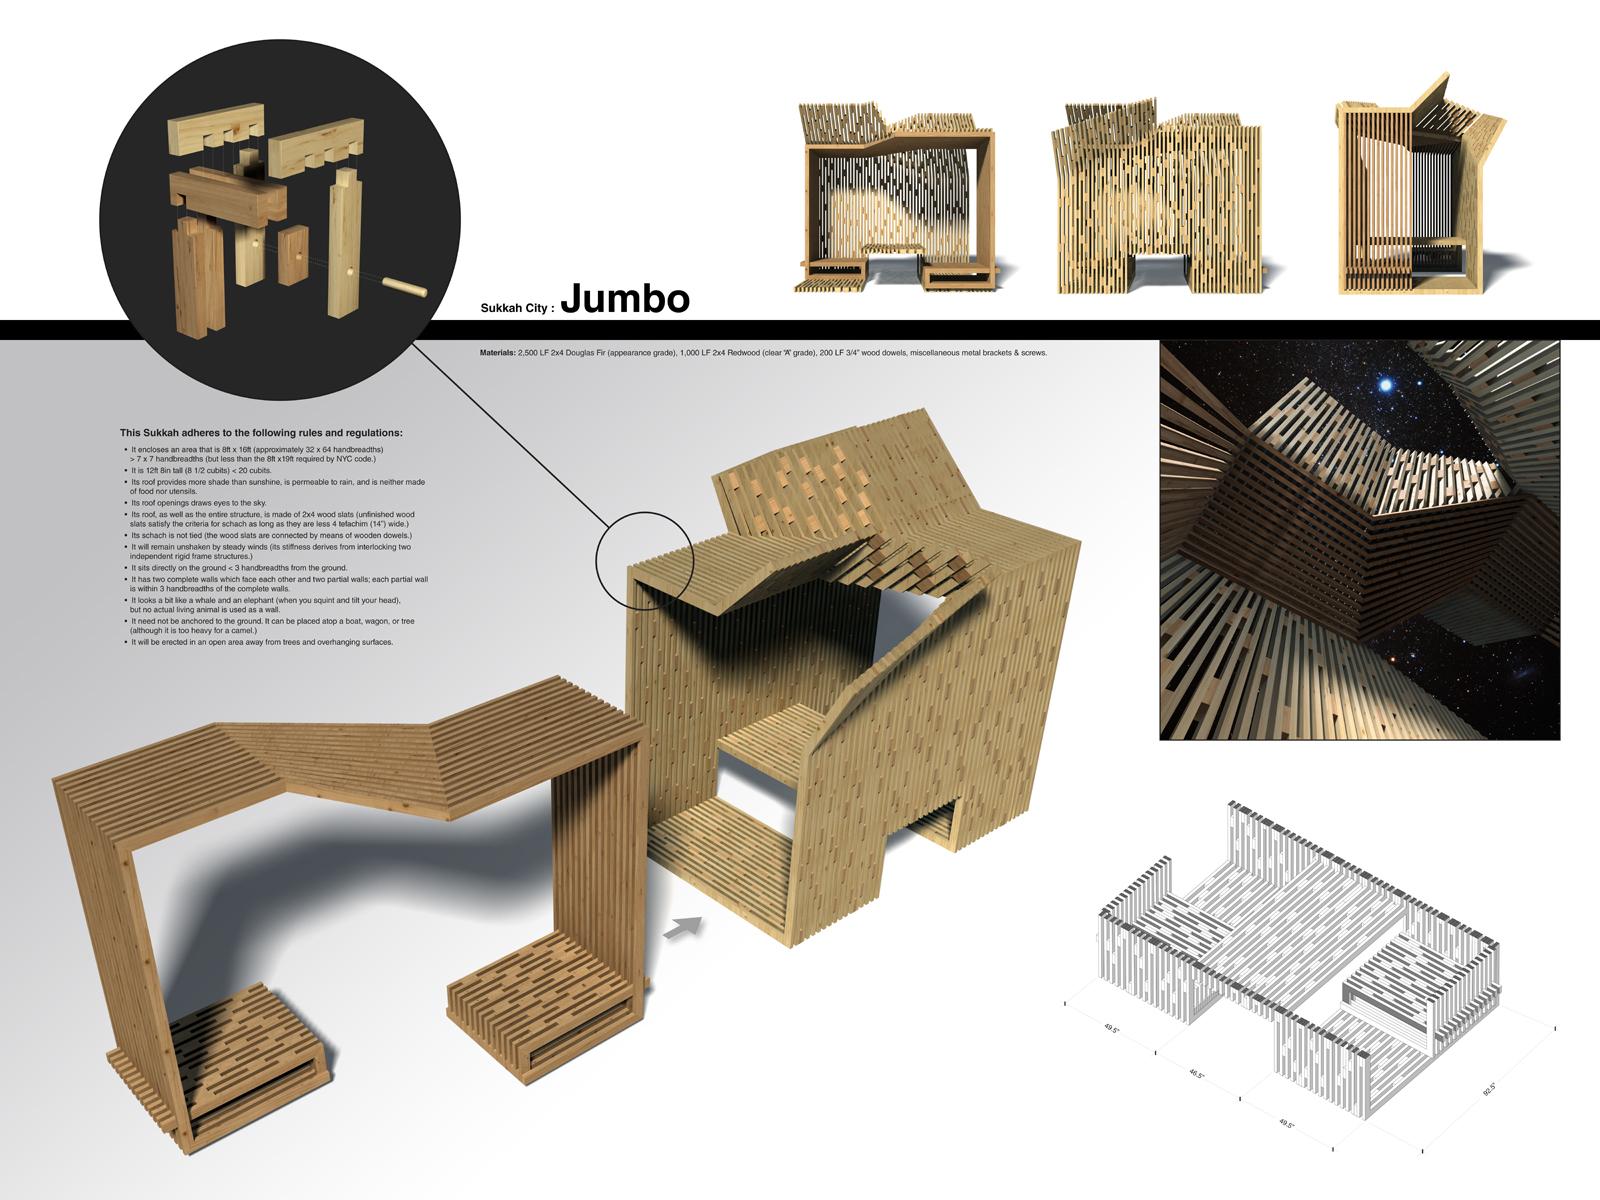 Sukkah City: Jumbo